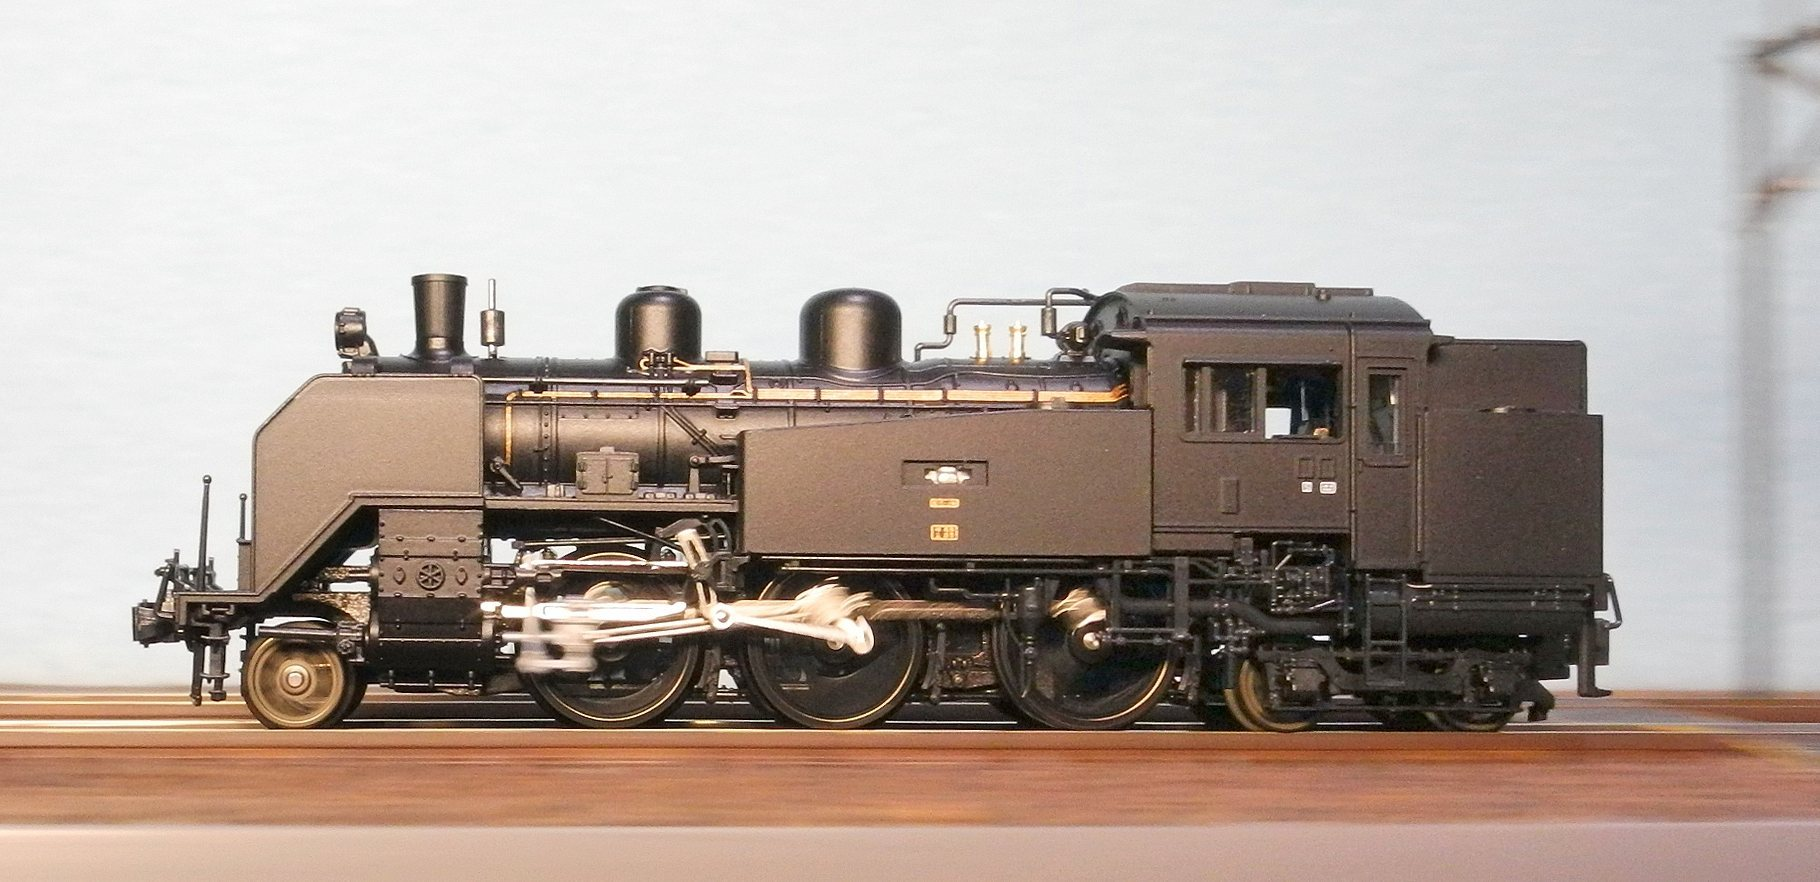 DSCN8848-1.jpg